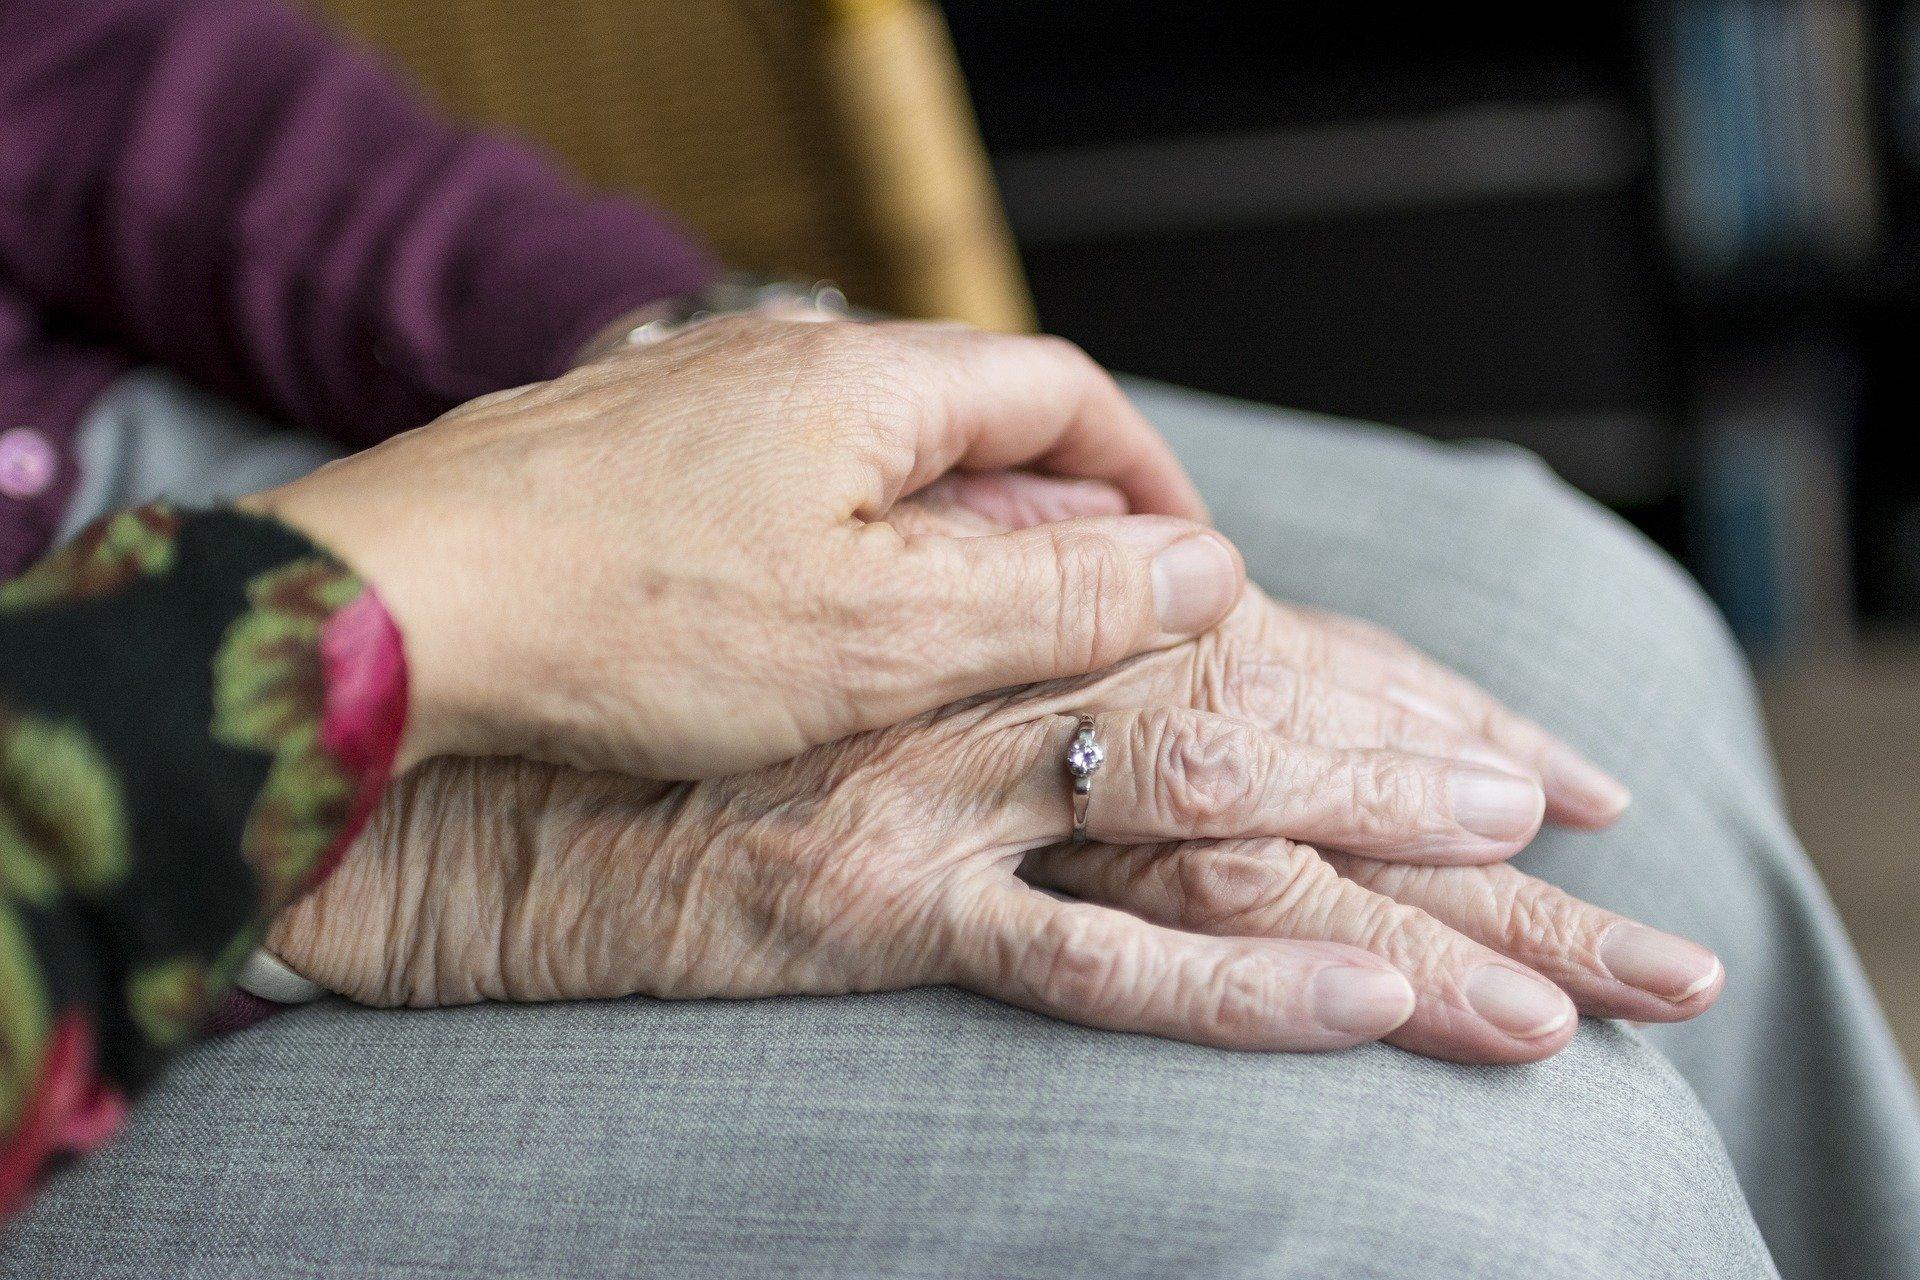 MS and Graduate Certificates in Palliative Care